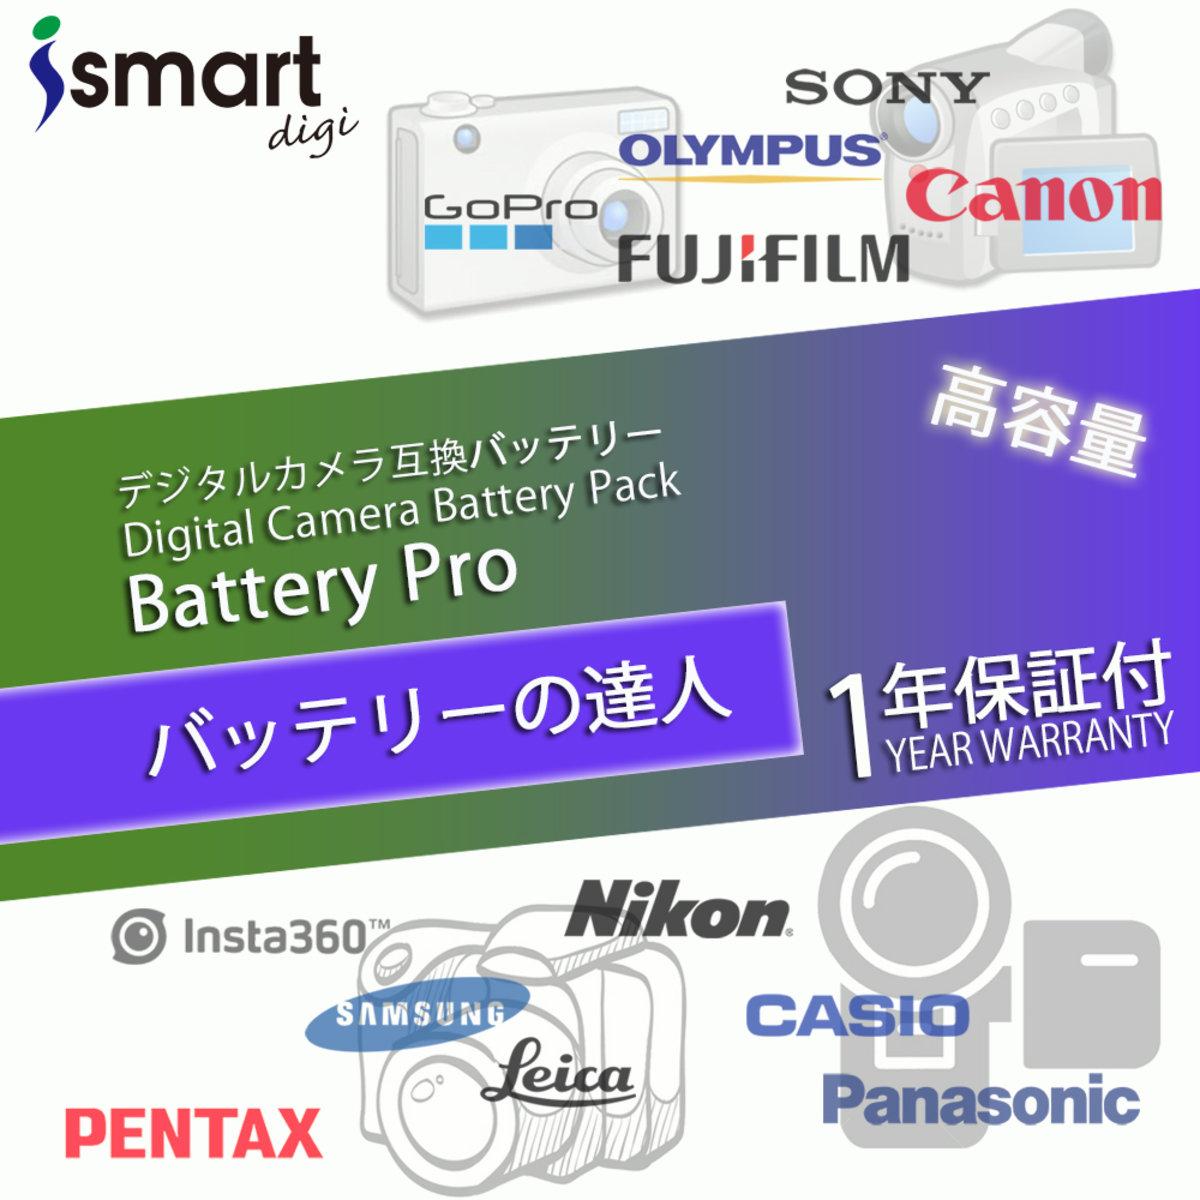 佳能數碼相機電池(適合: MV730i, 750i, PowerShot G5, G6)